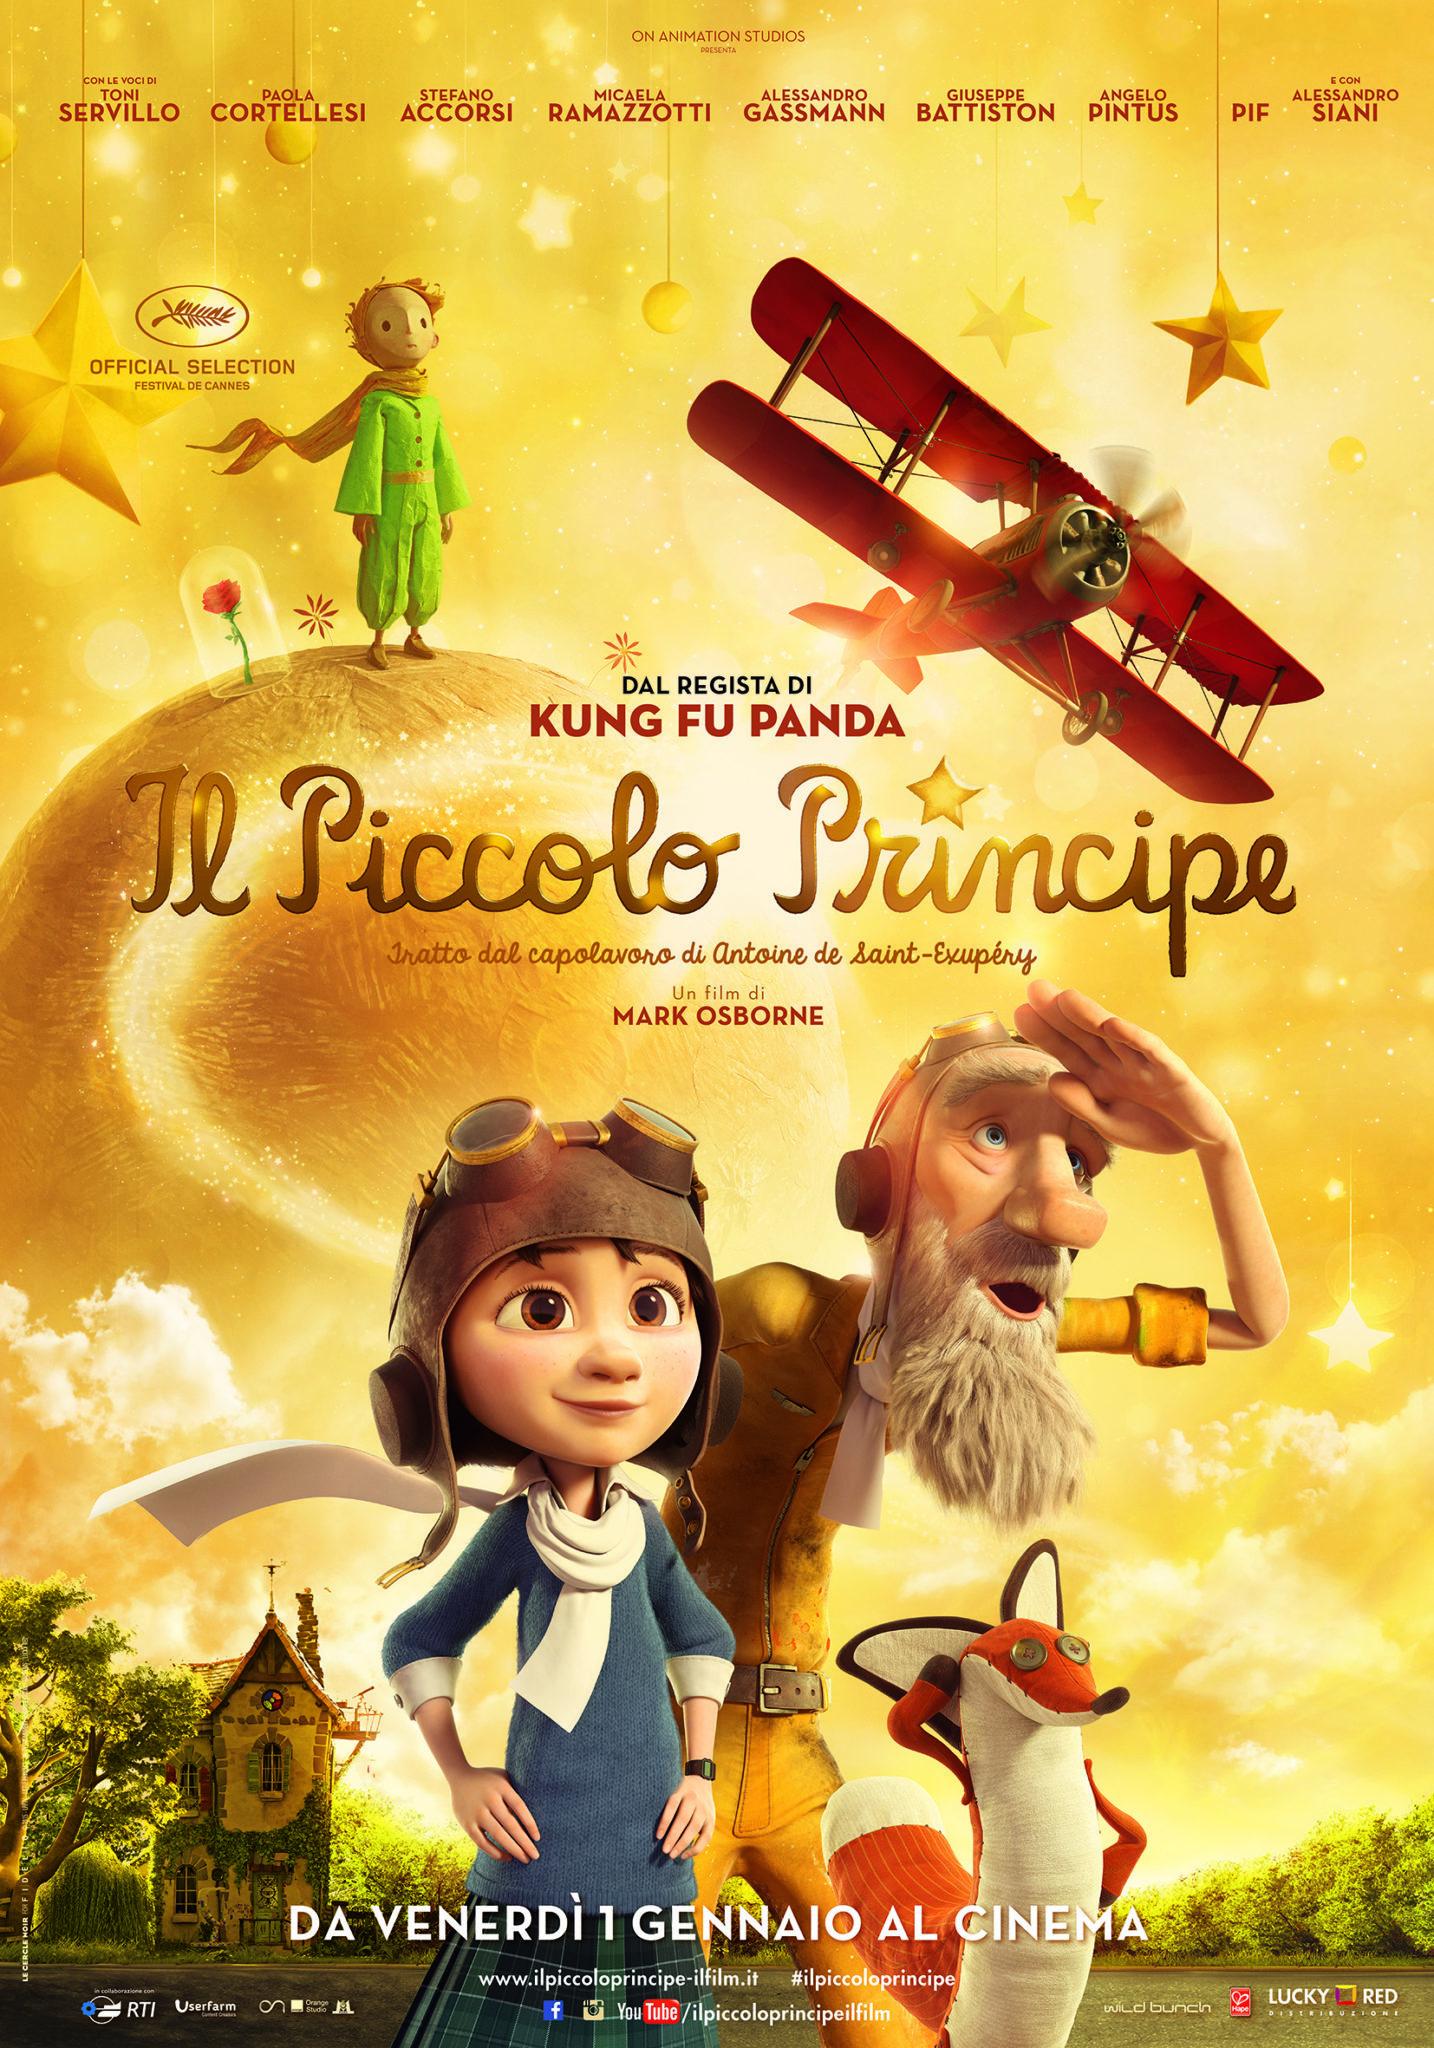 La magia del Piccolo Principe in arrivo a gennaio nelle sale italiane